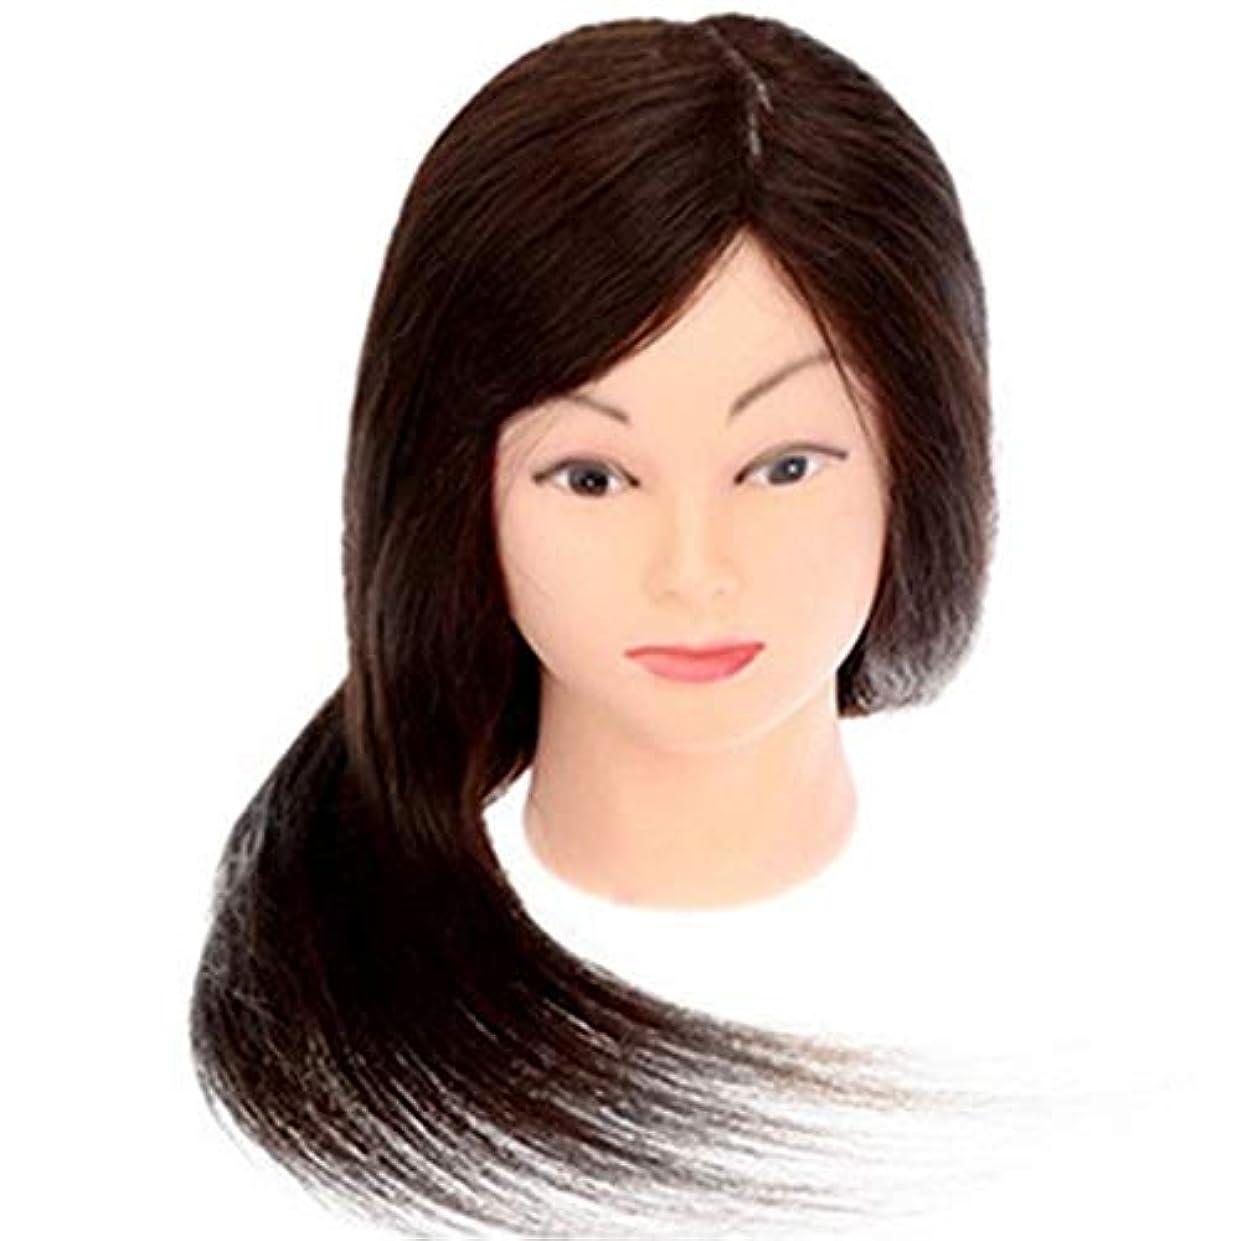 代替案回る痛みメイクアップエクササイズディスク髪編組ヘッド金型デュアルユースダミーヘッドモデルヘッド美容ヘアカットティーチングヘッドかつら